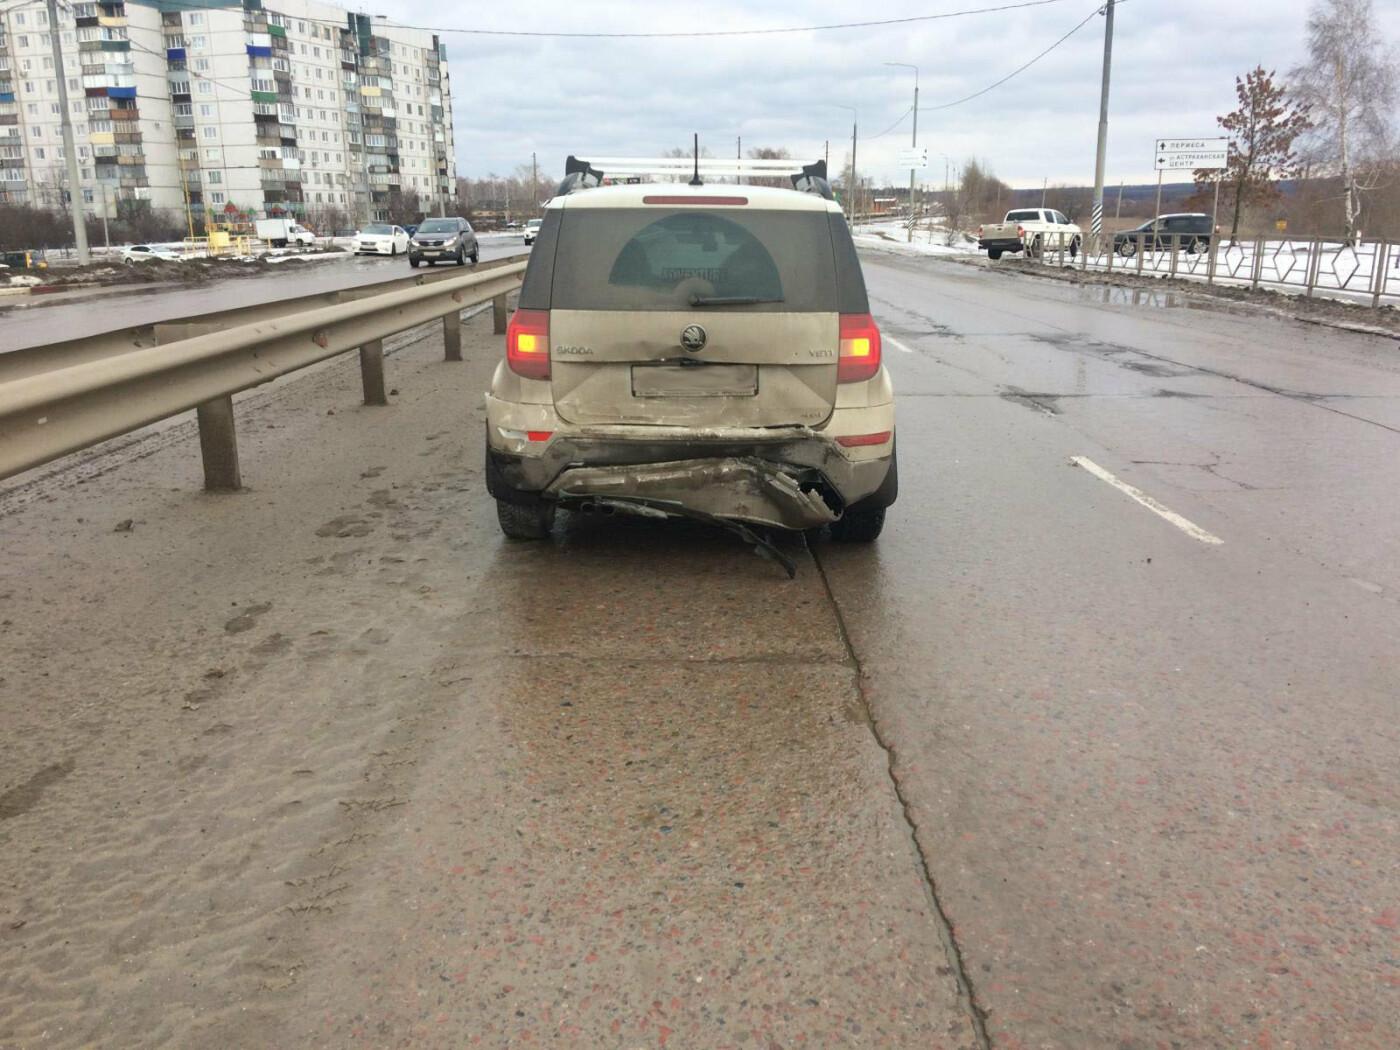 В Тамбове в районе МЖК столкнулись две иномарки, одного человека увезли в больницу, фото-1